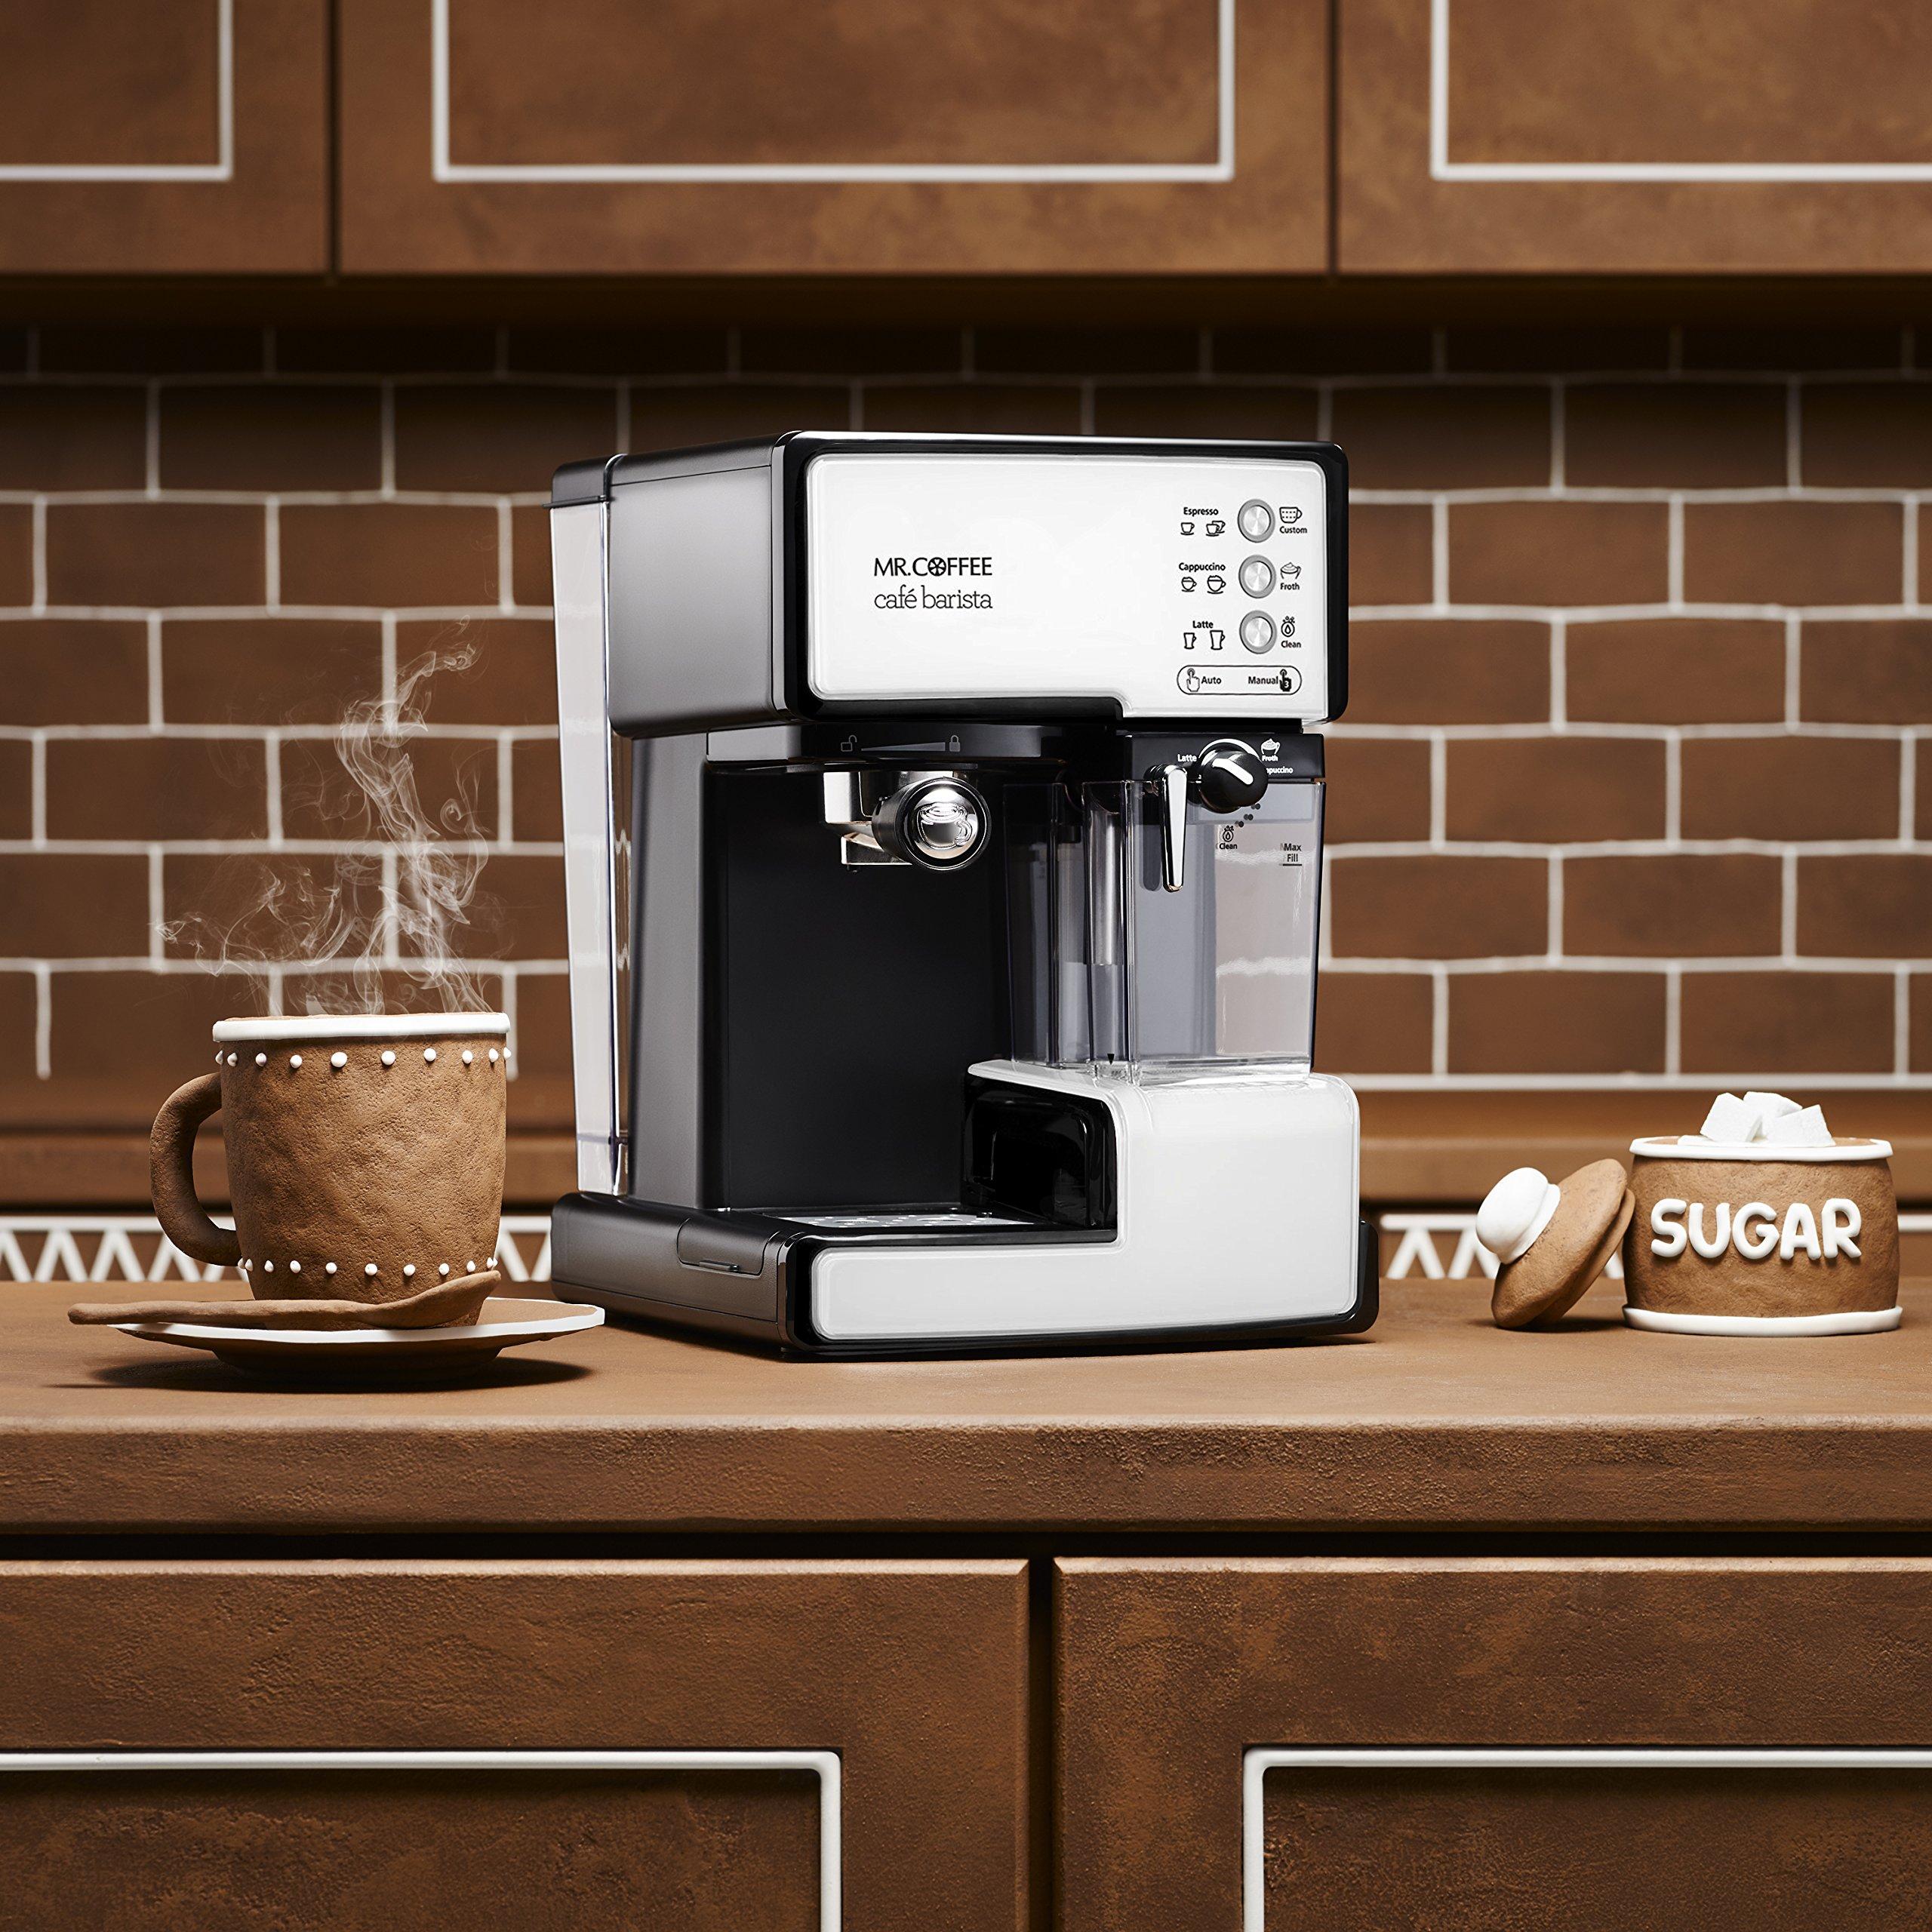 Mr. Coffee BVMC-ECMP1102 Cafe Barista Espresso Maker Machine,  White by Mr. Coffee (Image #5)